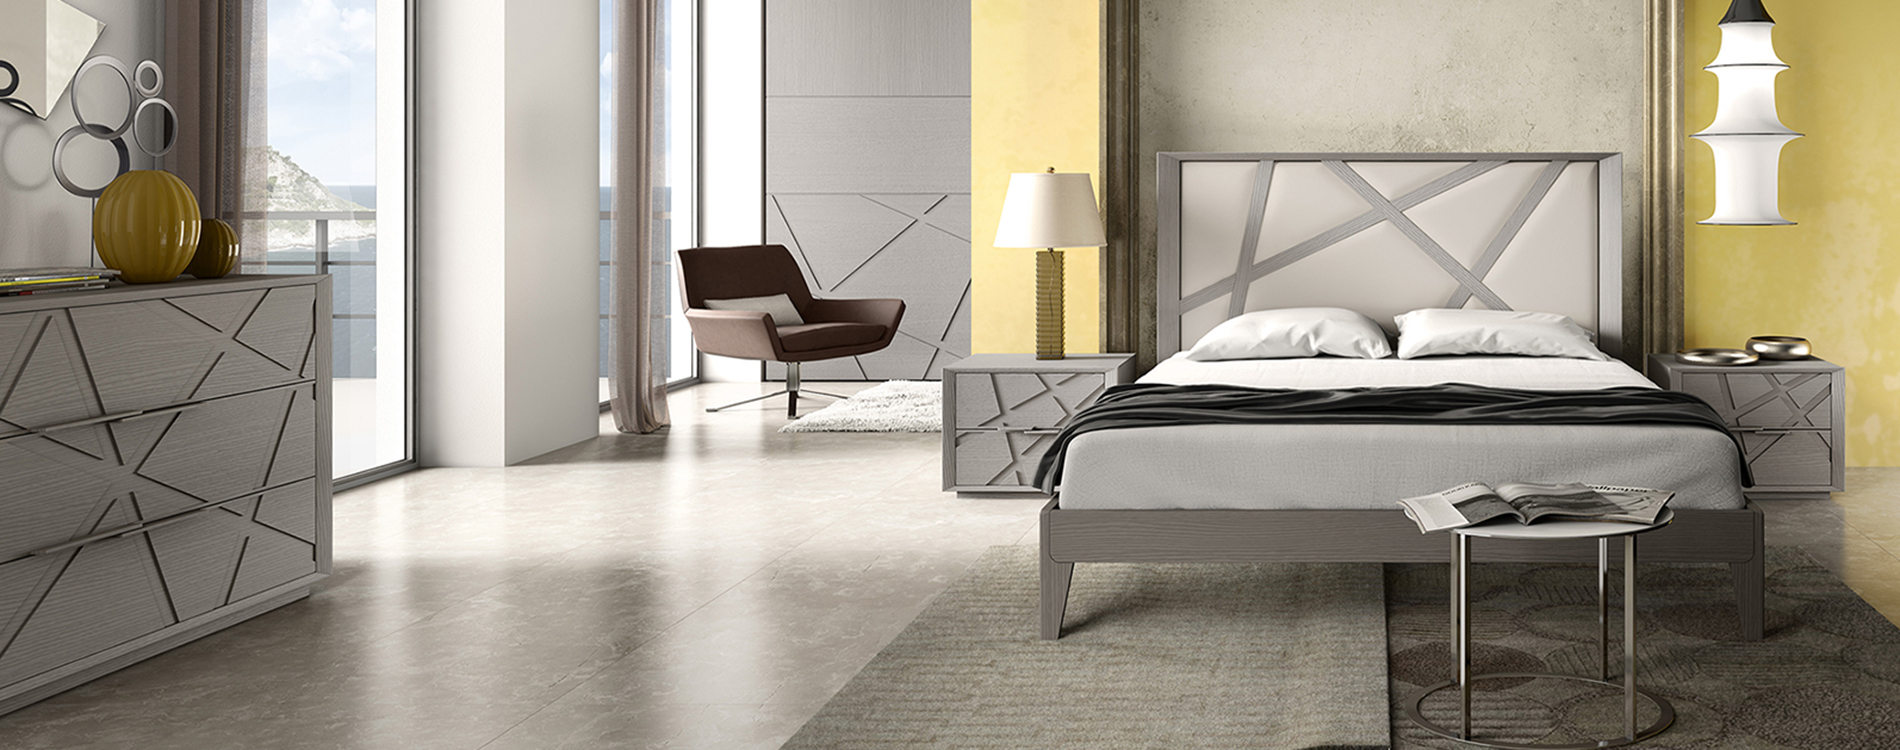 Letto da camera comodini idee - Mobili da camera da letto ...